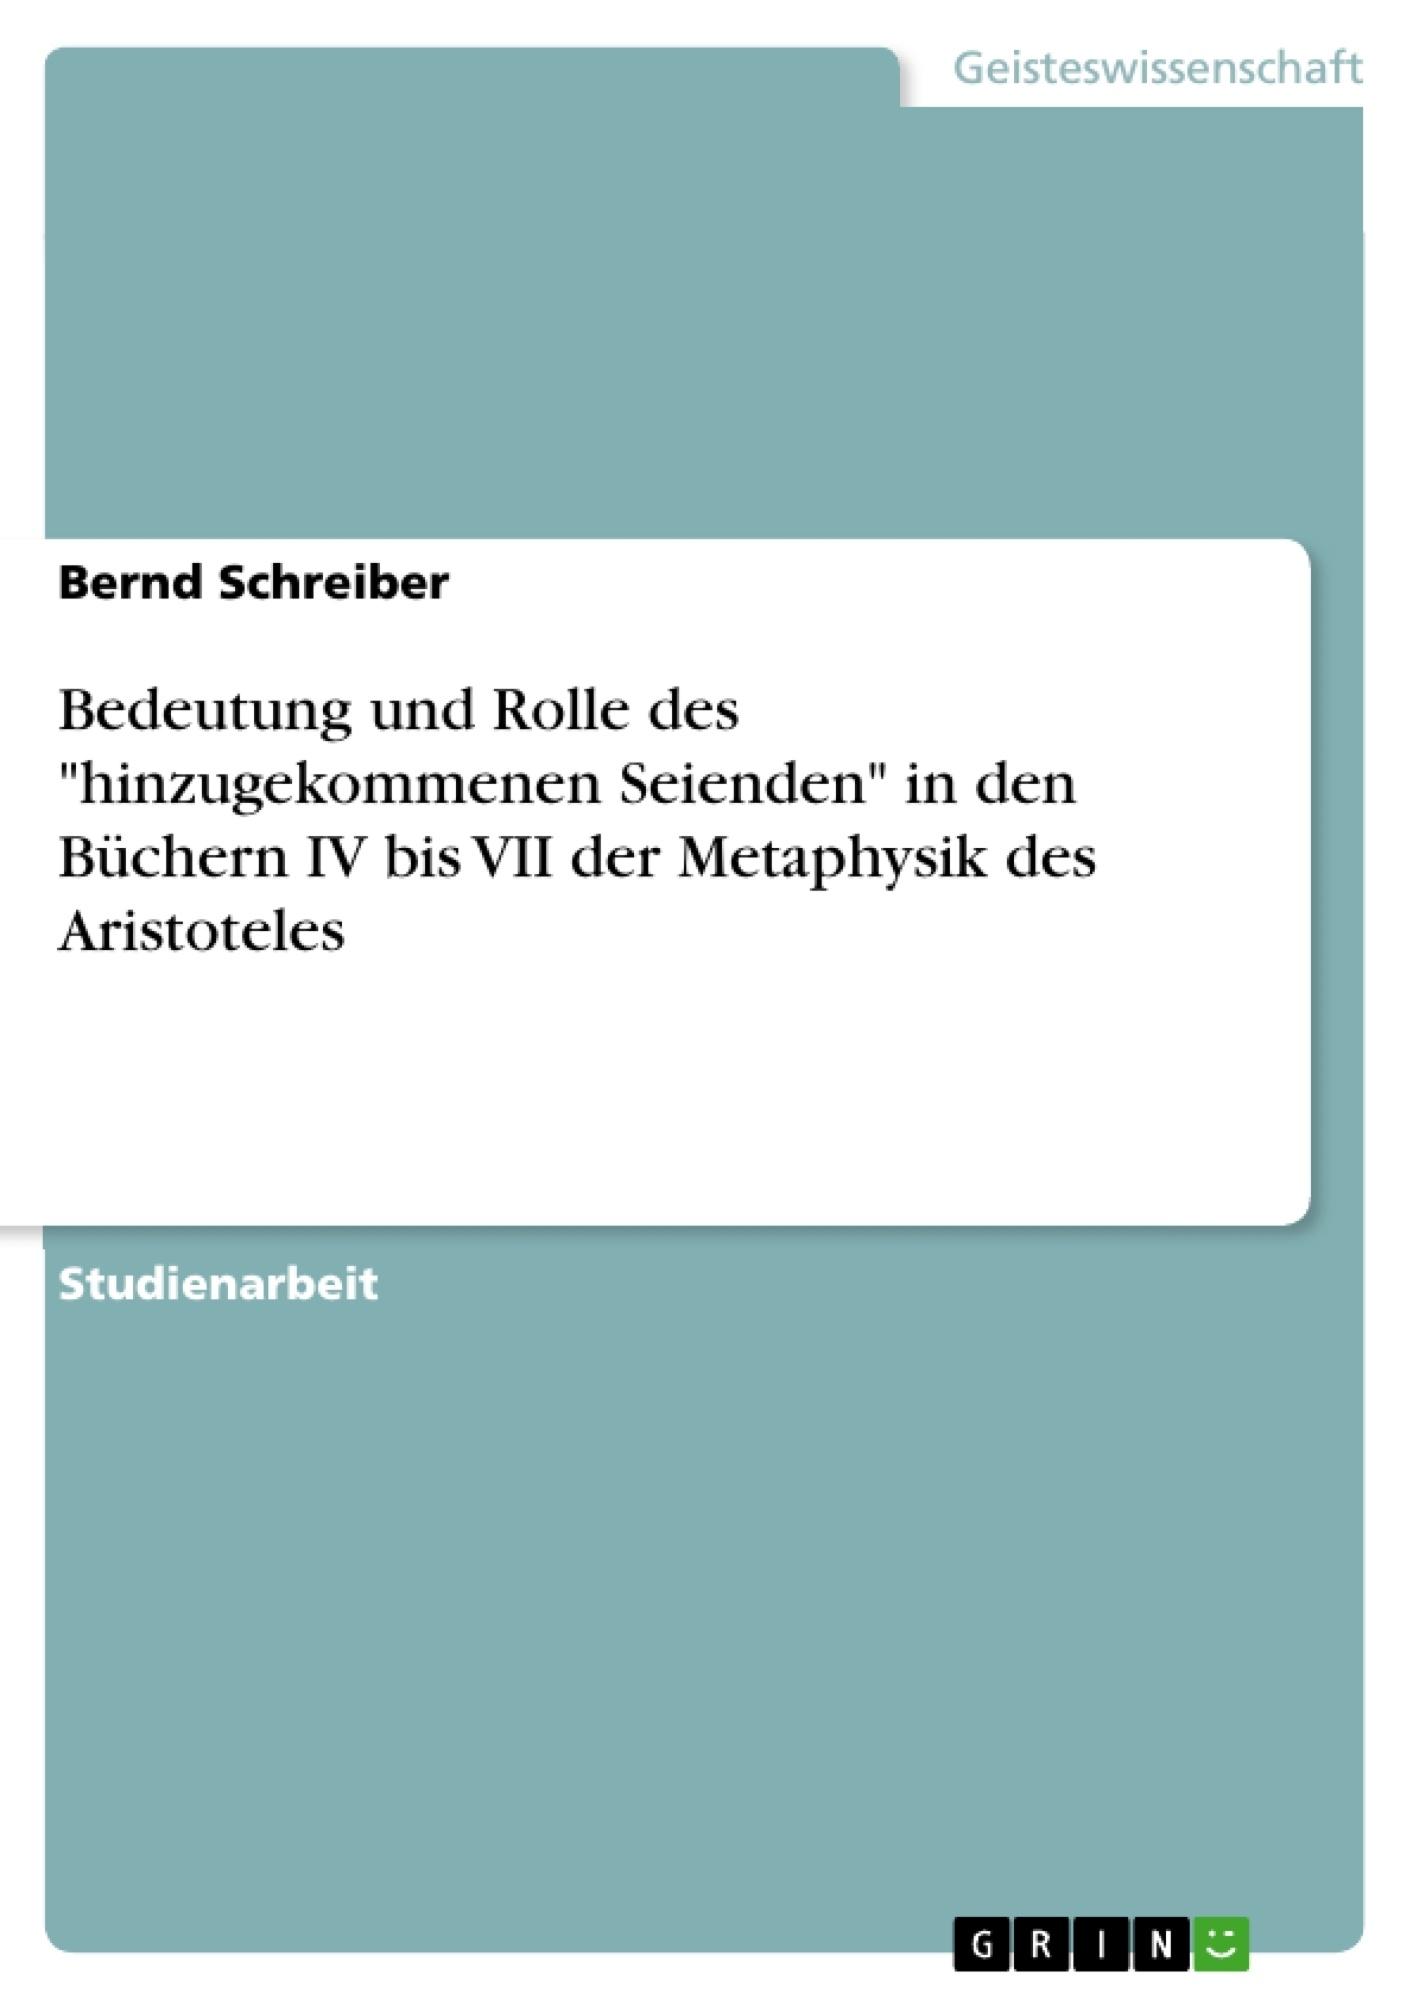 """Titel: Bedeutung und Rolle des """"hinzugekommenen Seienden"""" in den Büchern IV bis VII der Metaphysik des Aristoteles"""